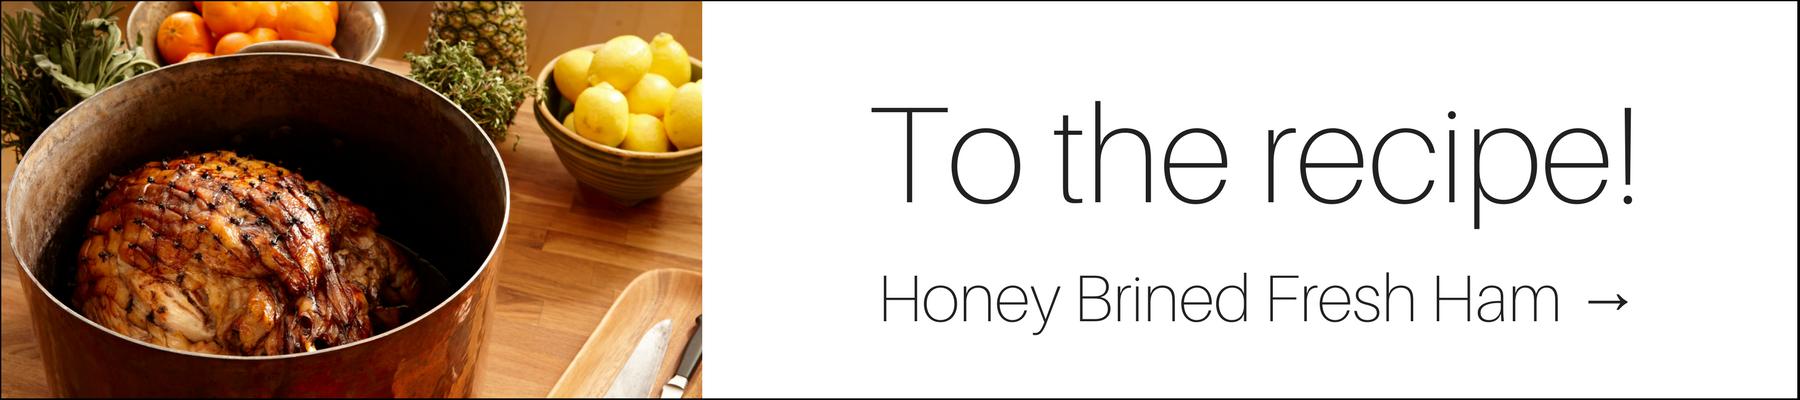 To the recipe! Honey Brined Fresh Ham ->